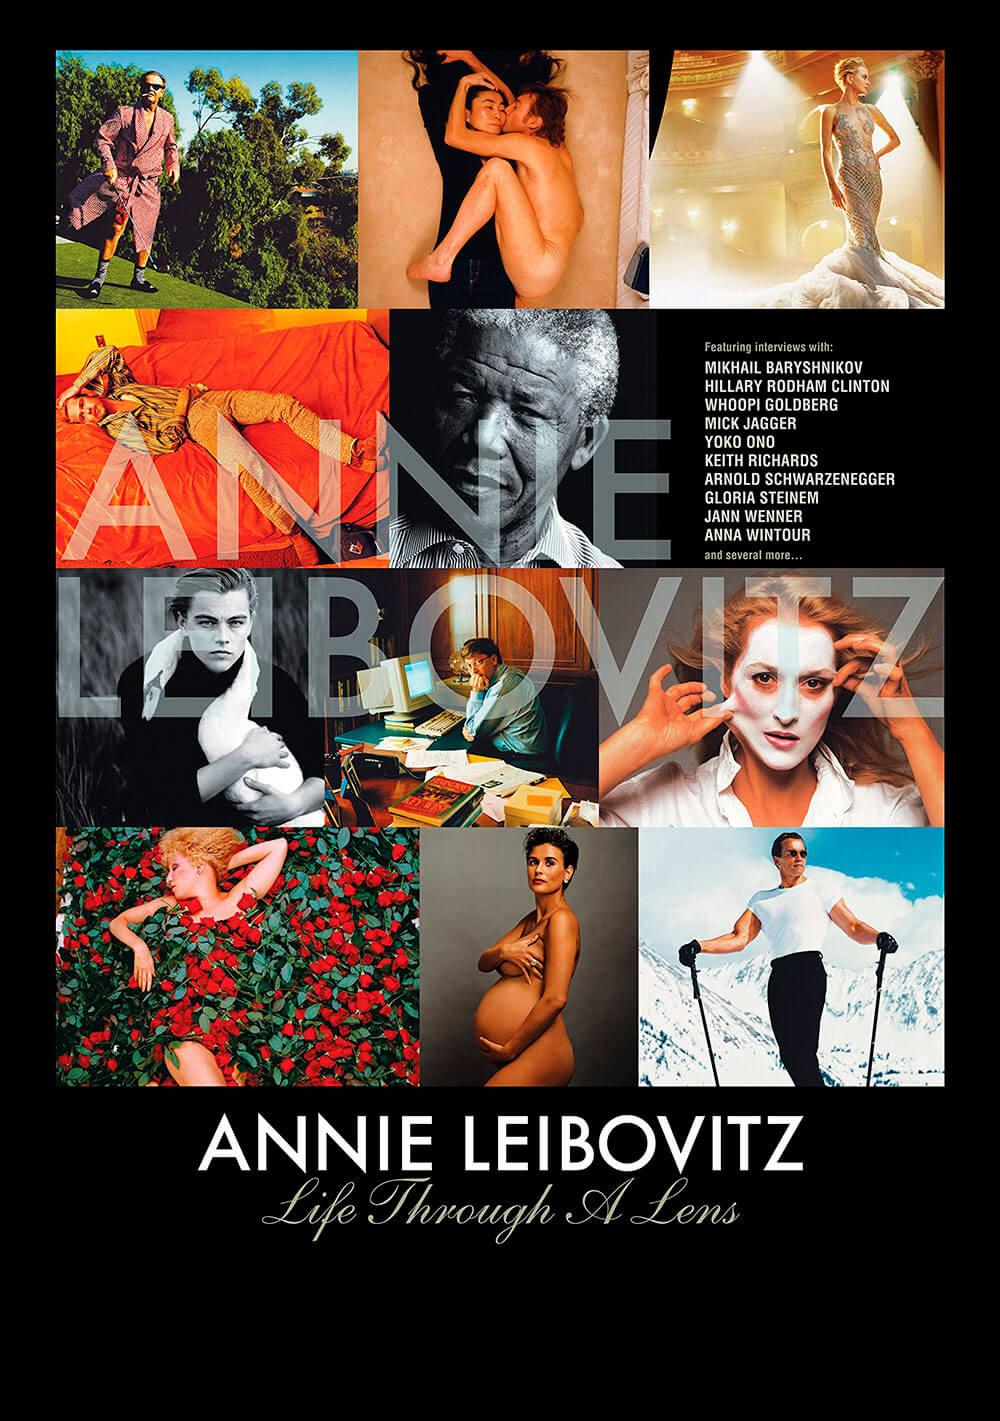 Annie-Leibovits--Life-Through-a-Lens-1.jpg